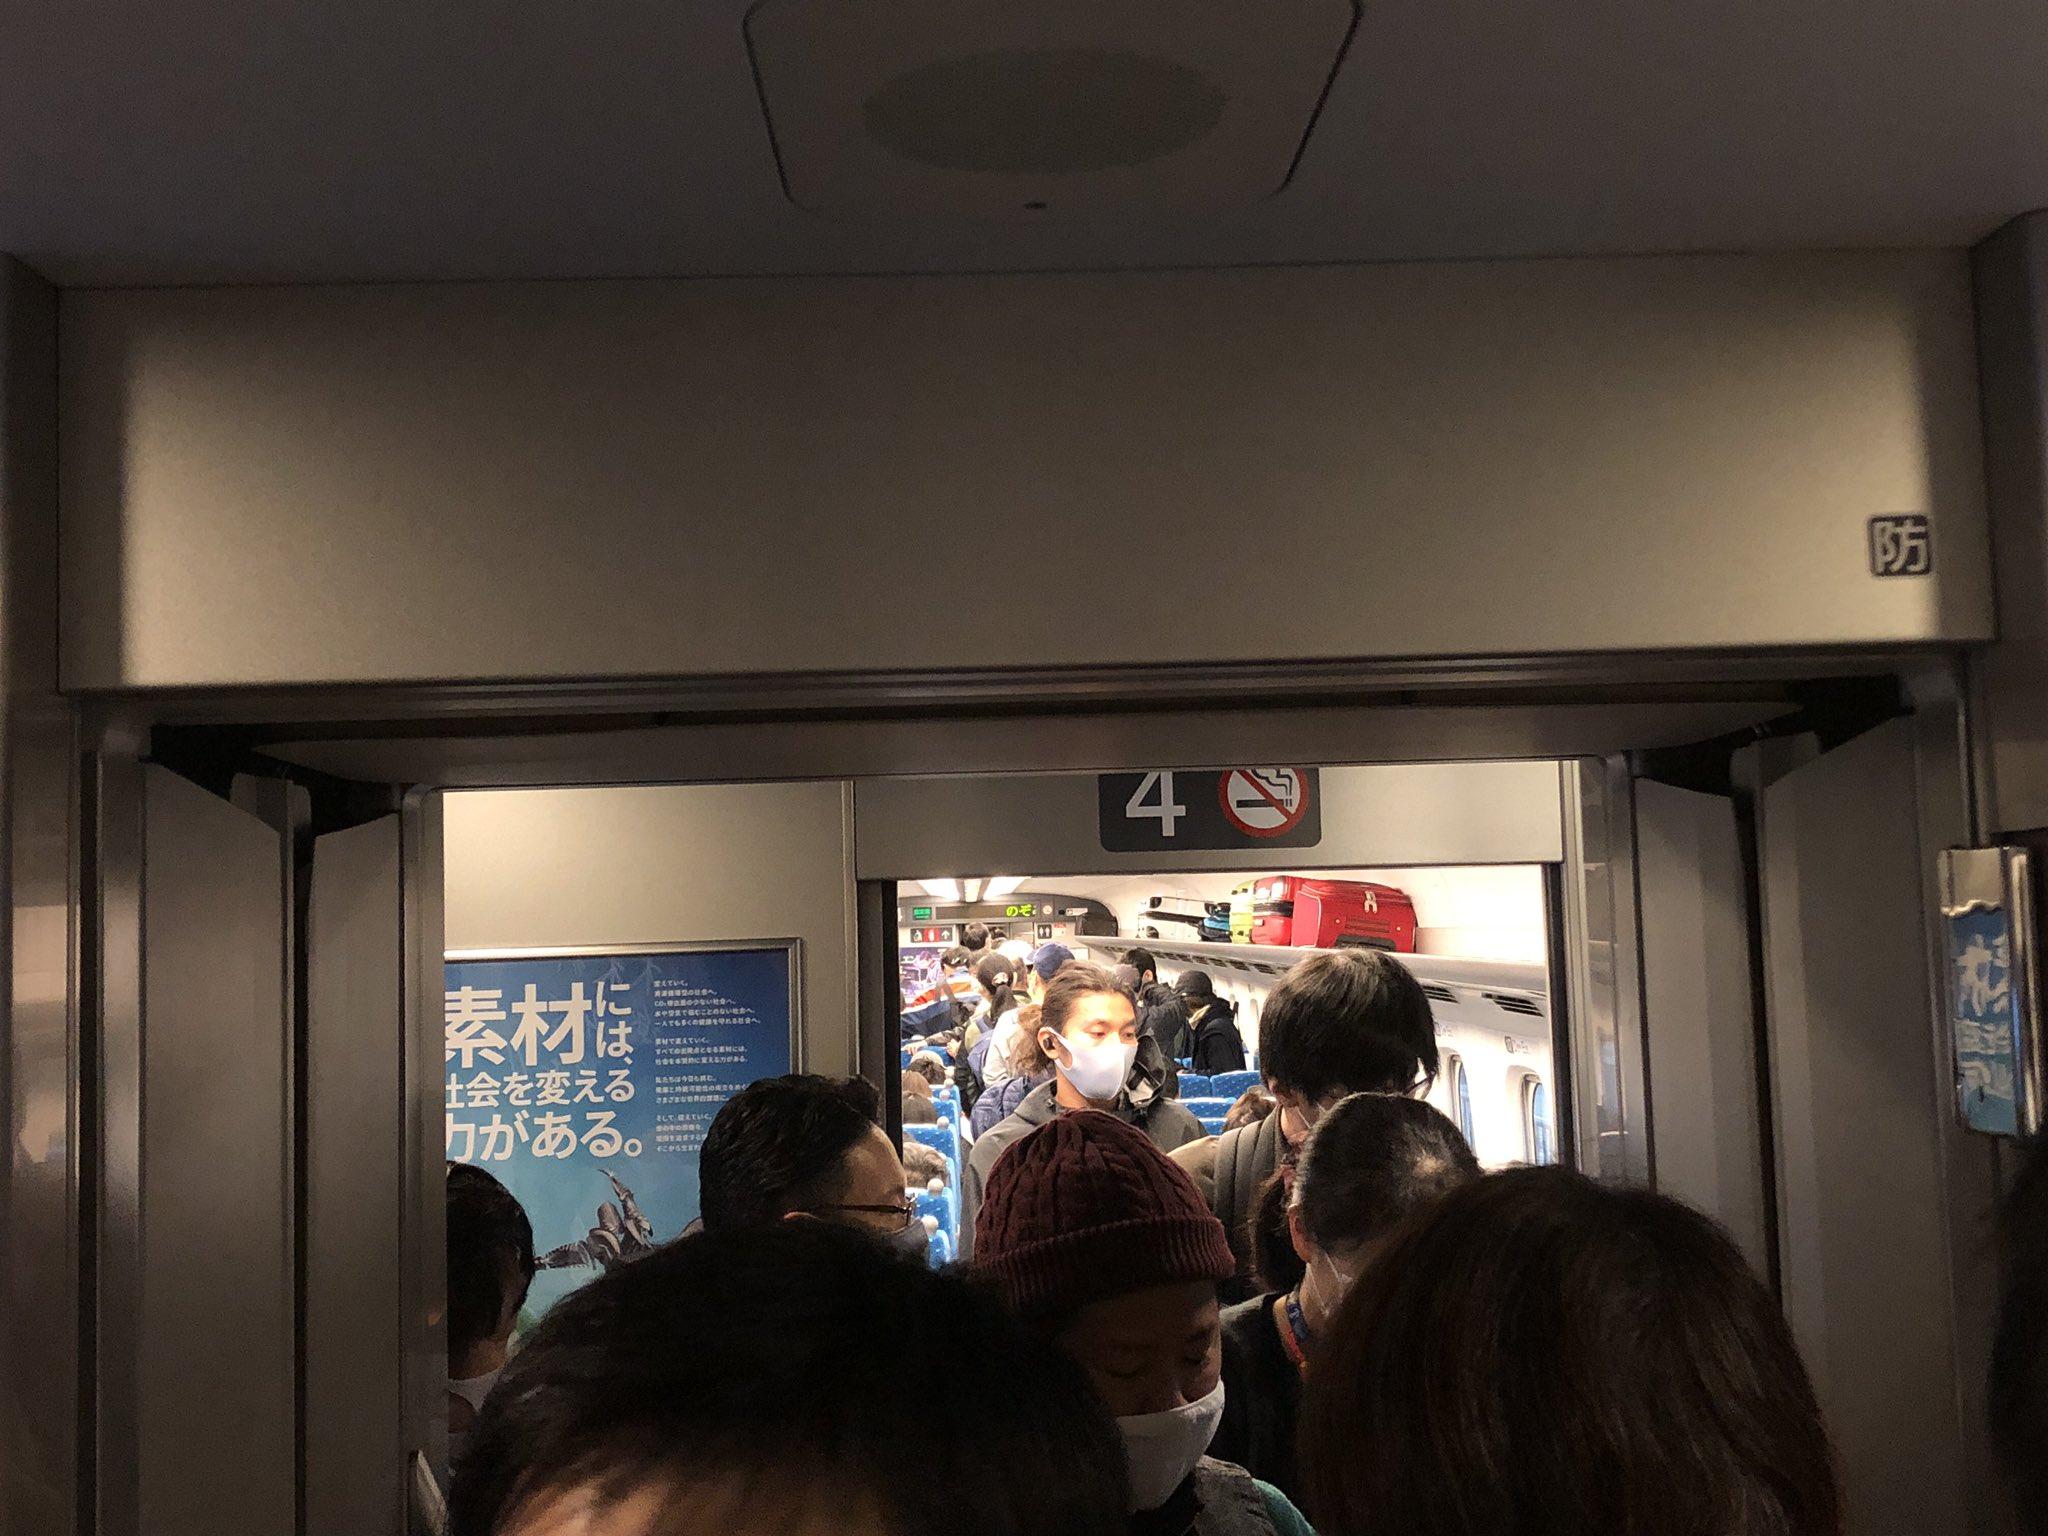 【指定席が全て満席】山陽新幹線がデッキまで人が溢れる大混雑に コロナ感染が心配される中なぜなのか